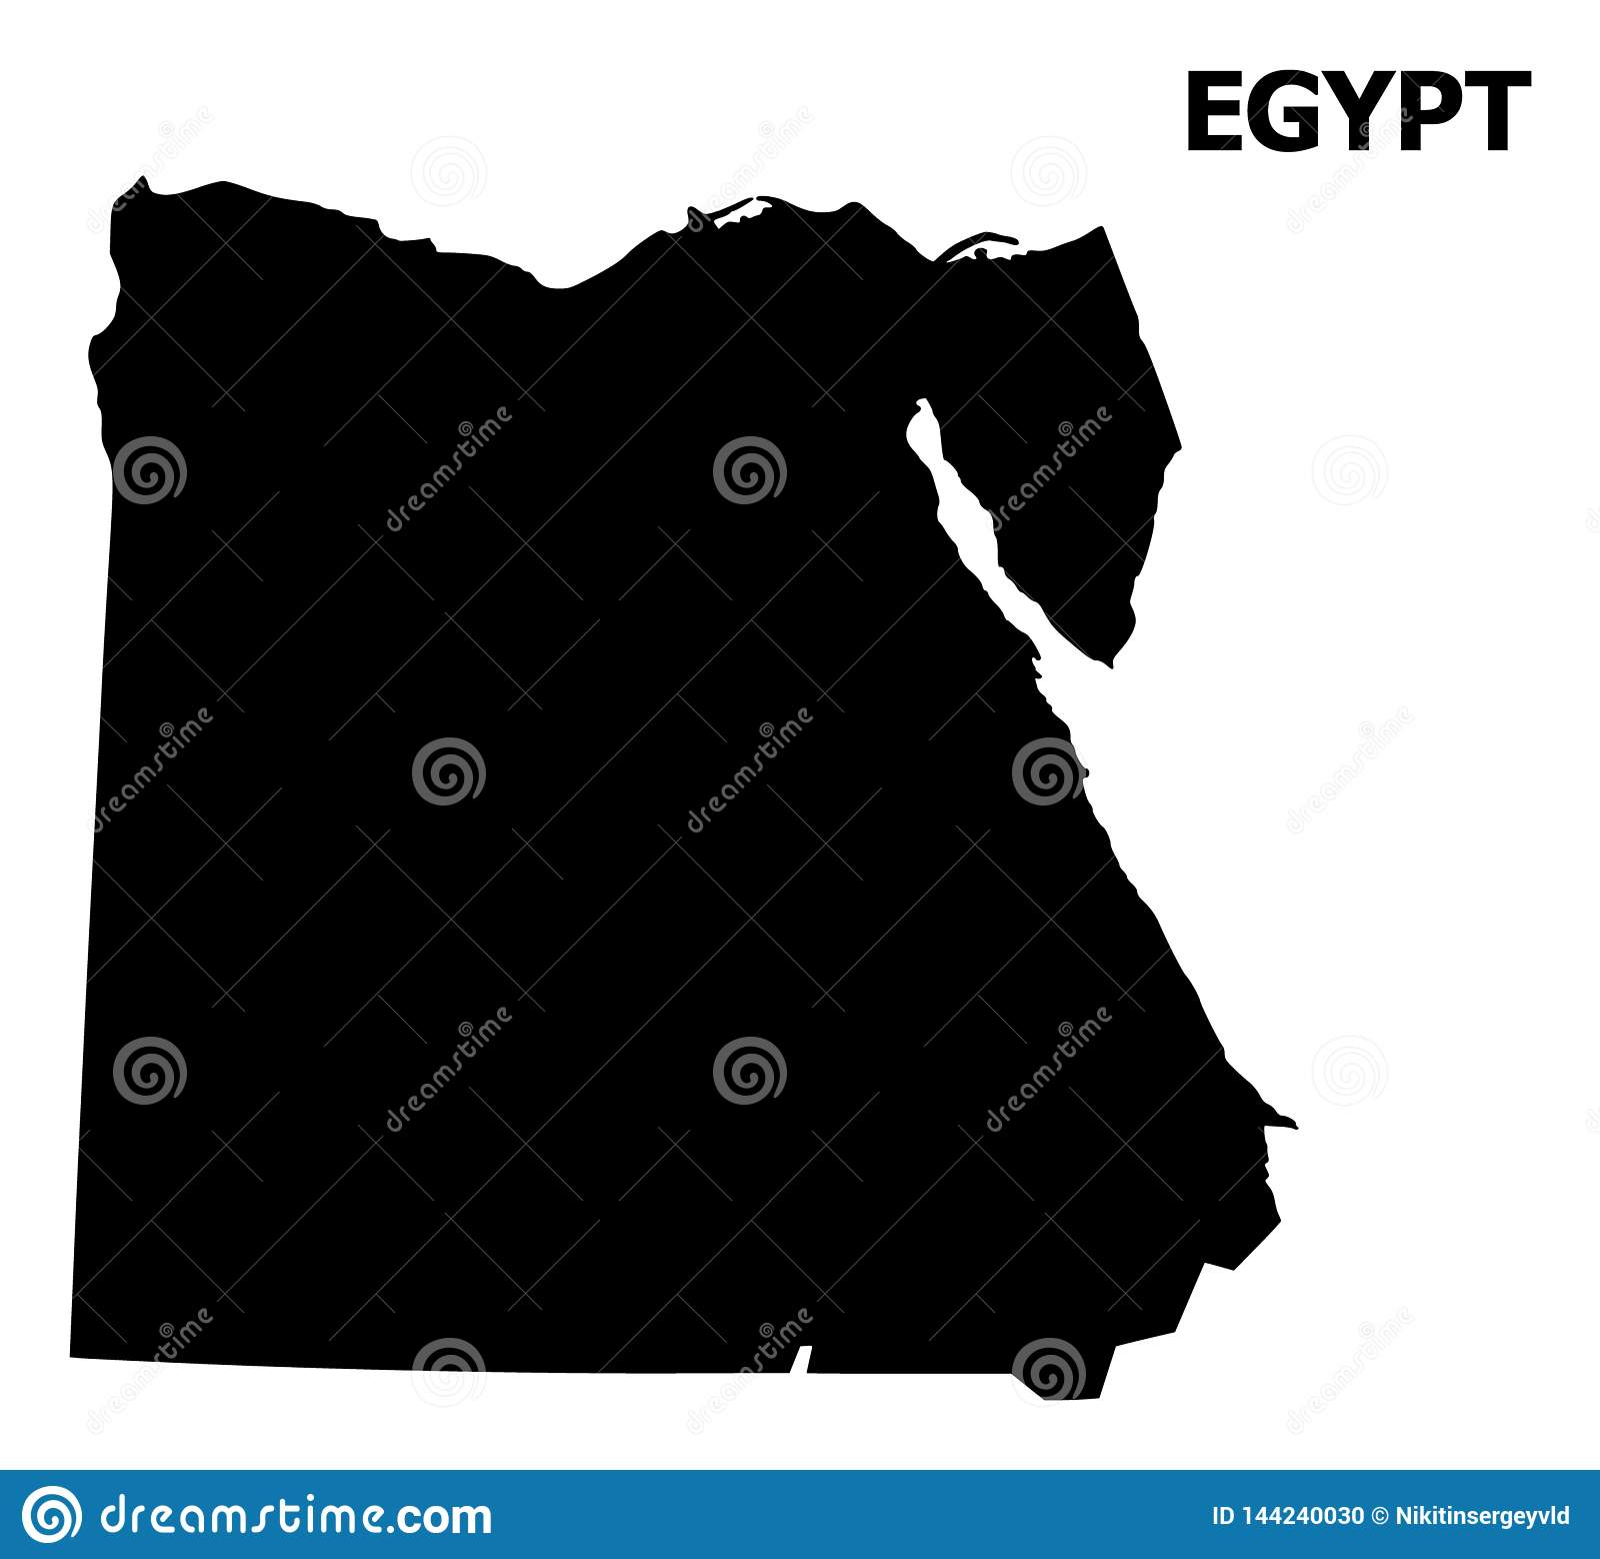 Plan översikt för vektor av Egypten med namn